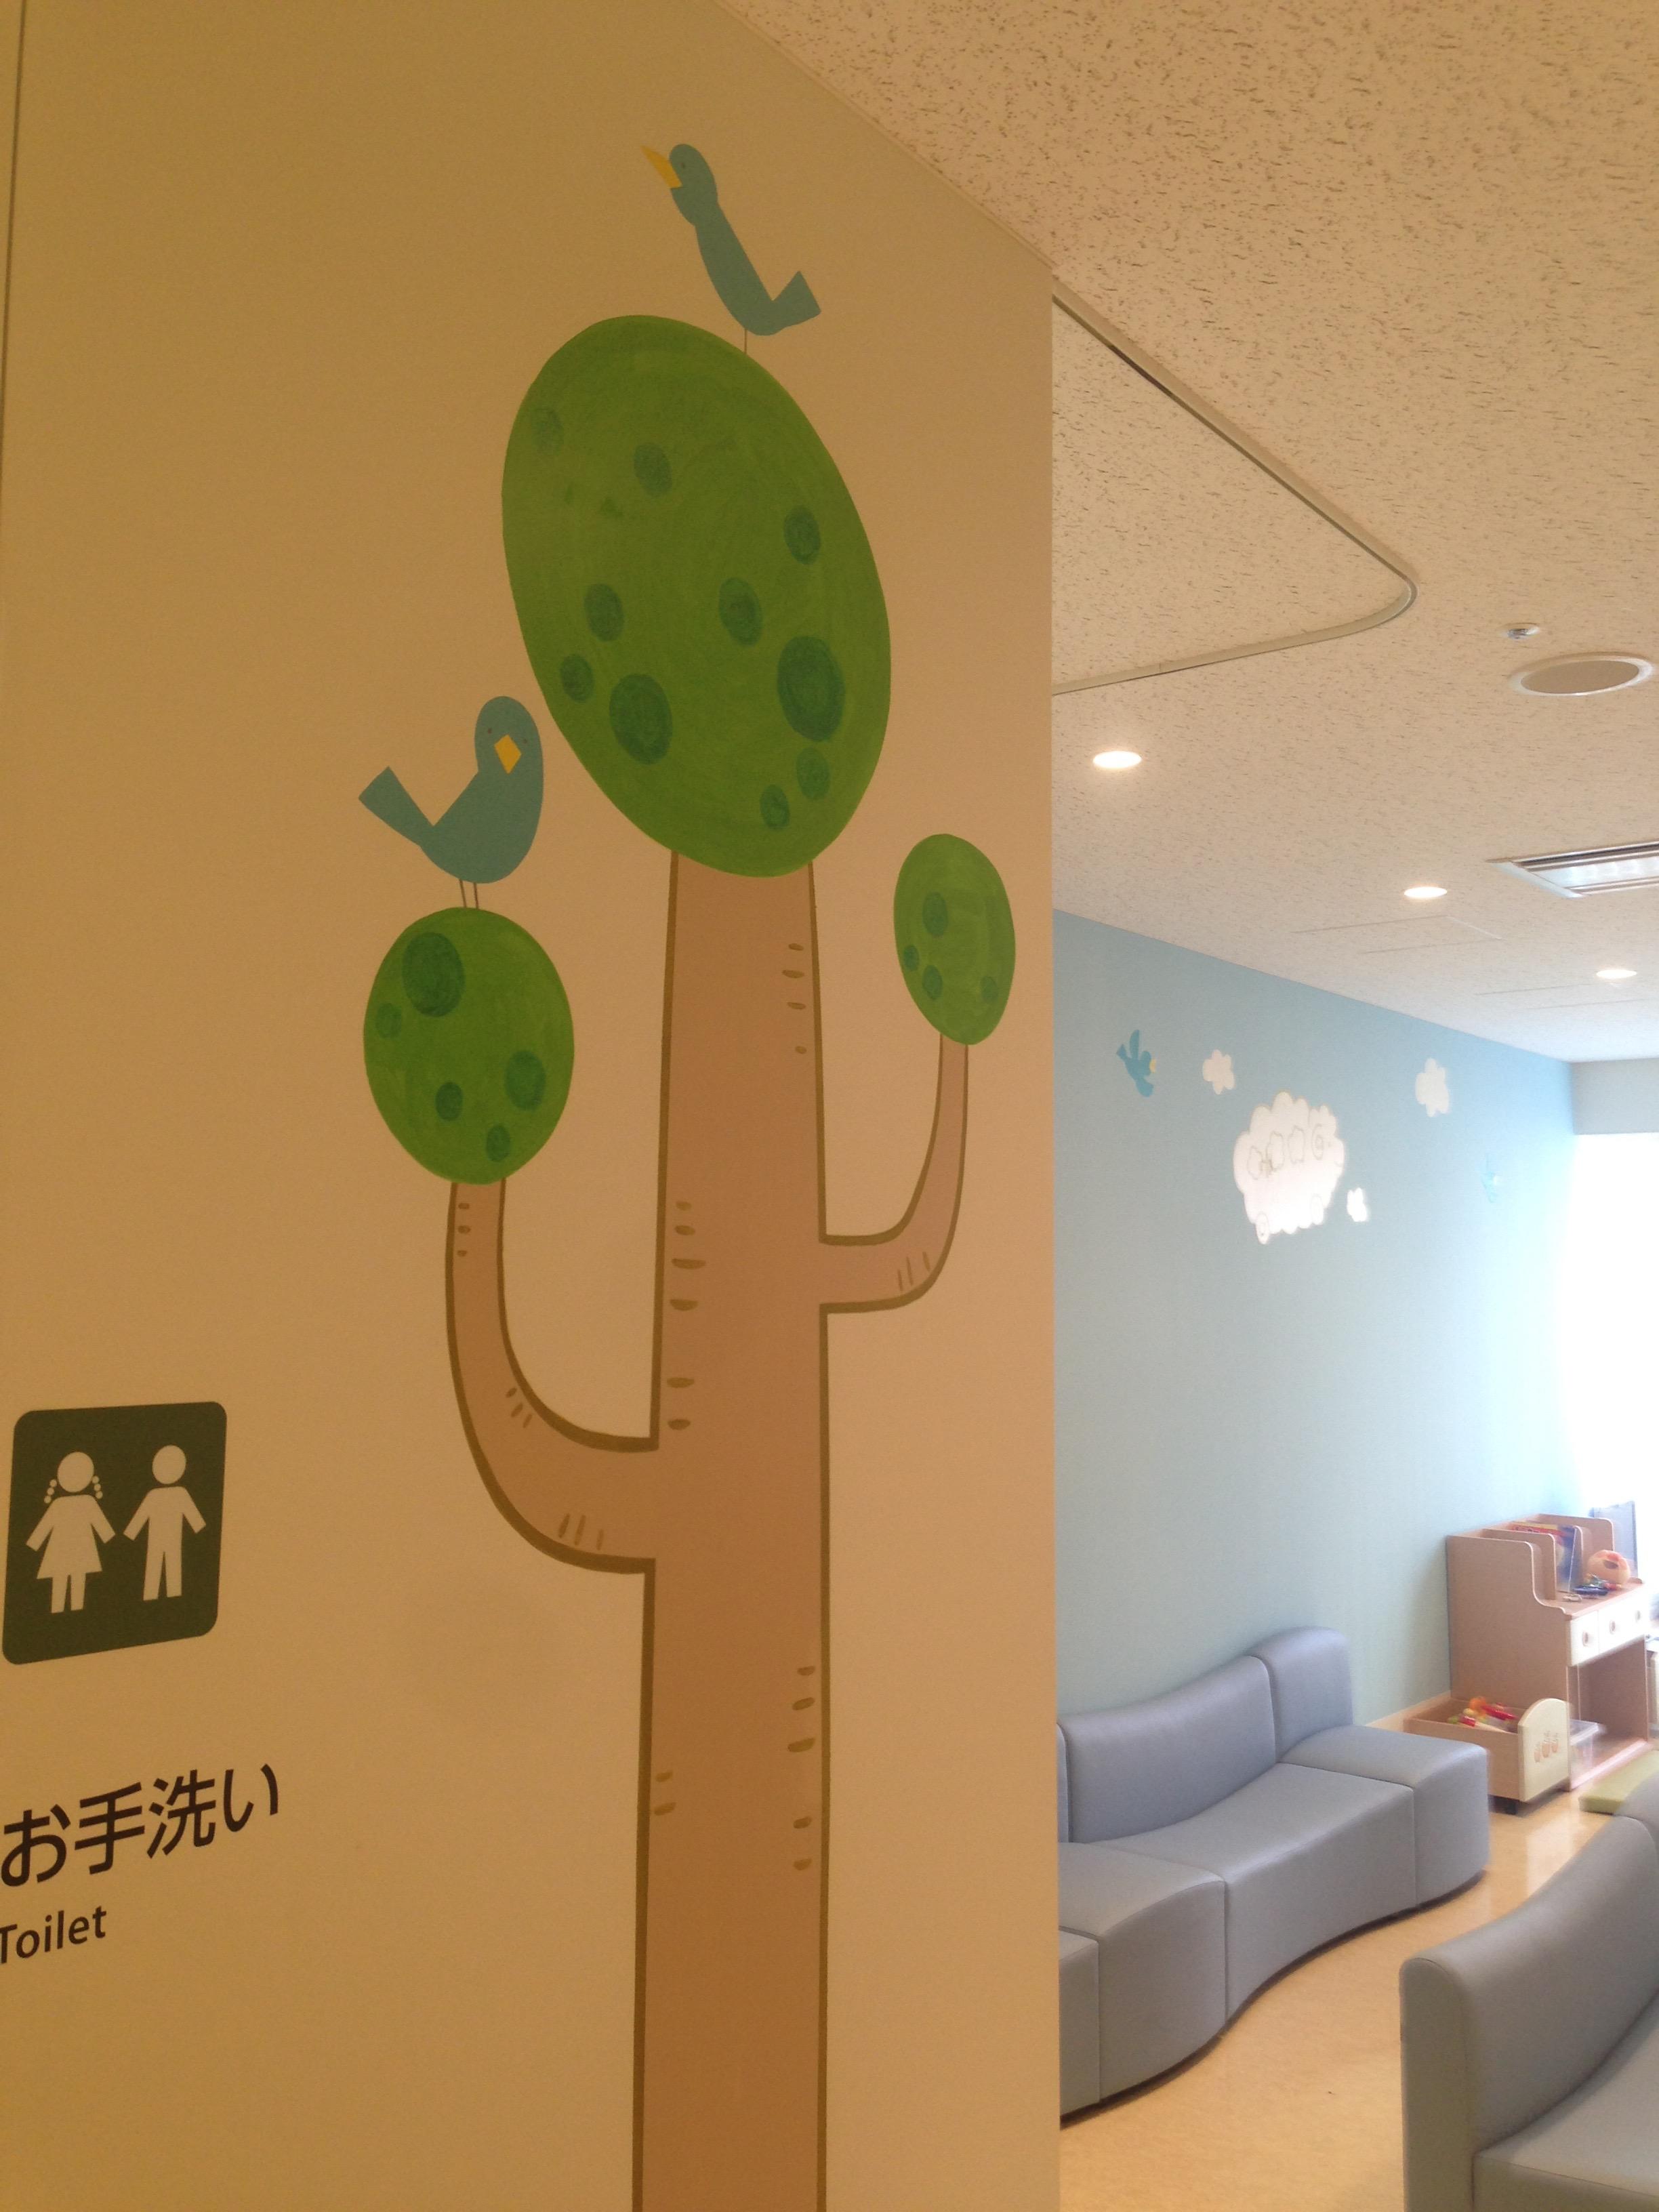 病院小児科待合室壁画(関東)